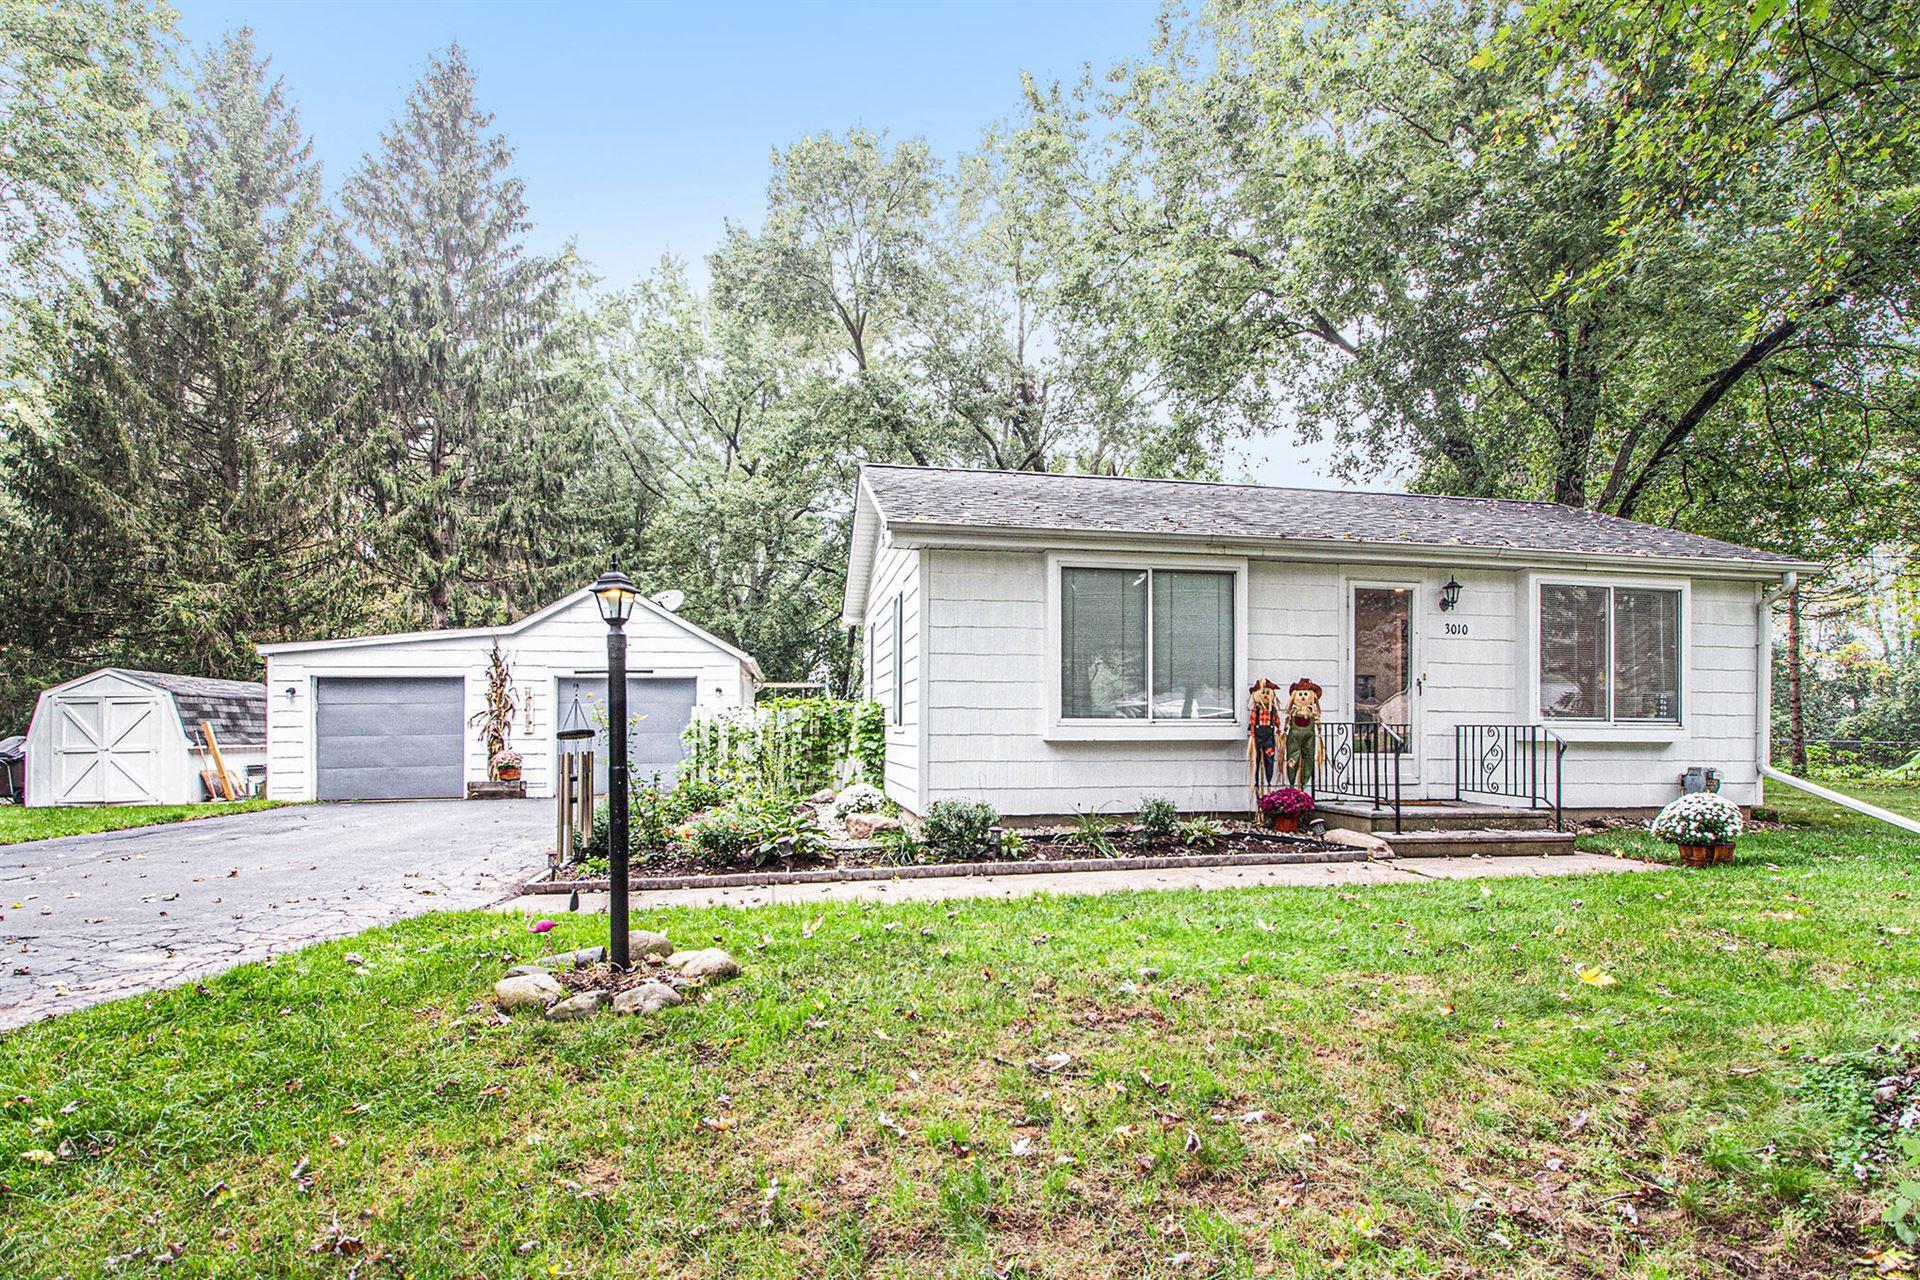 3010 Hendee Road, Jackson, MI 49201 - MLS#: 21110004